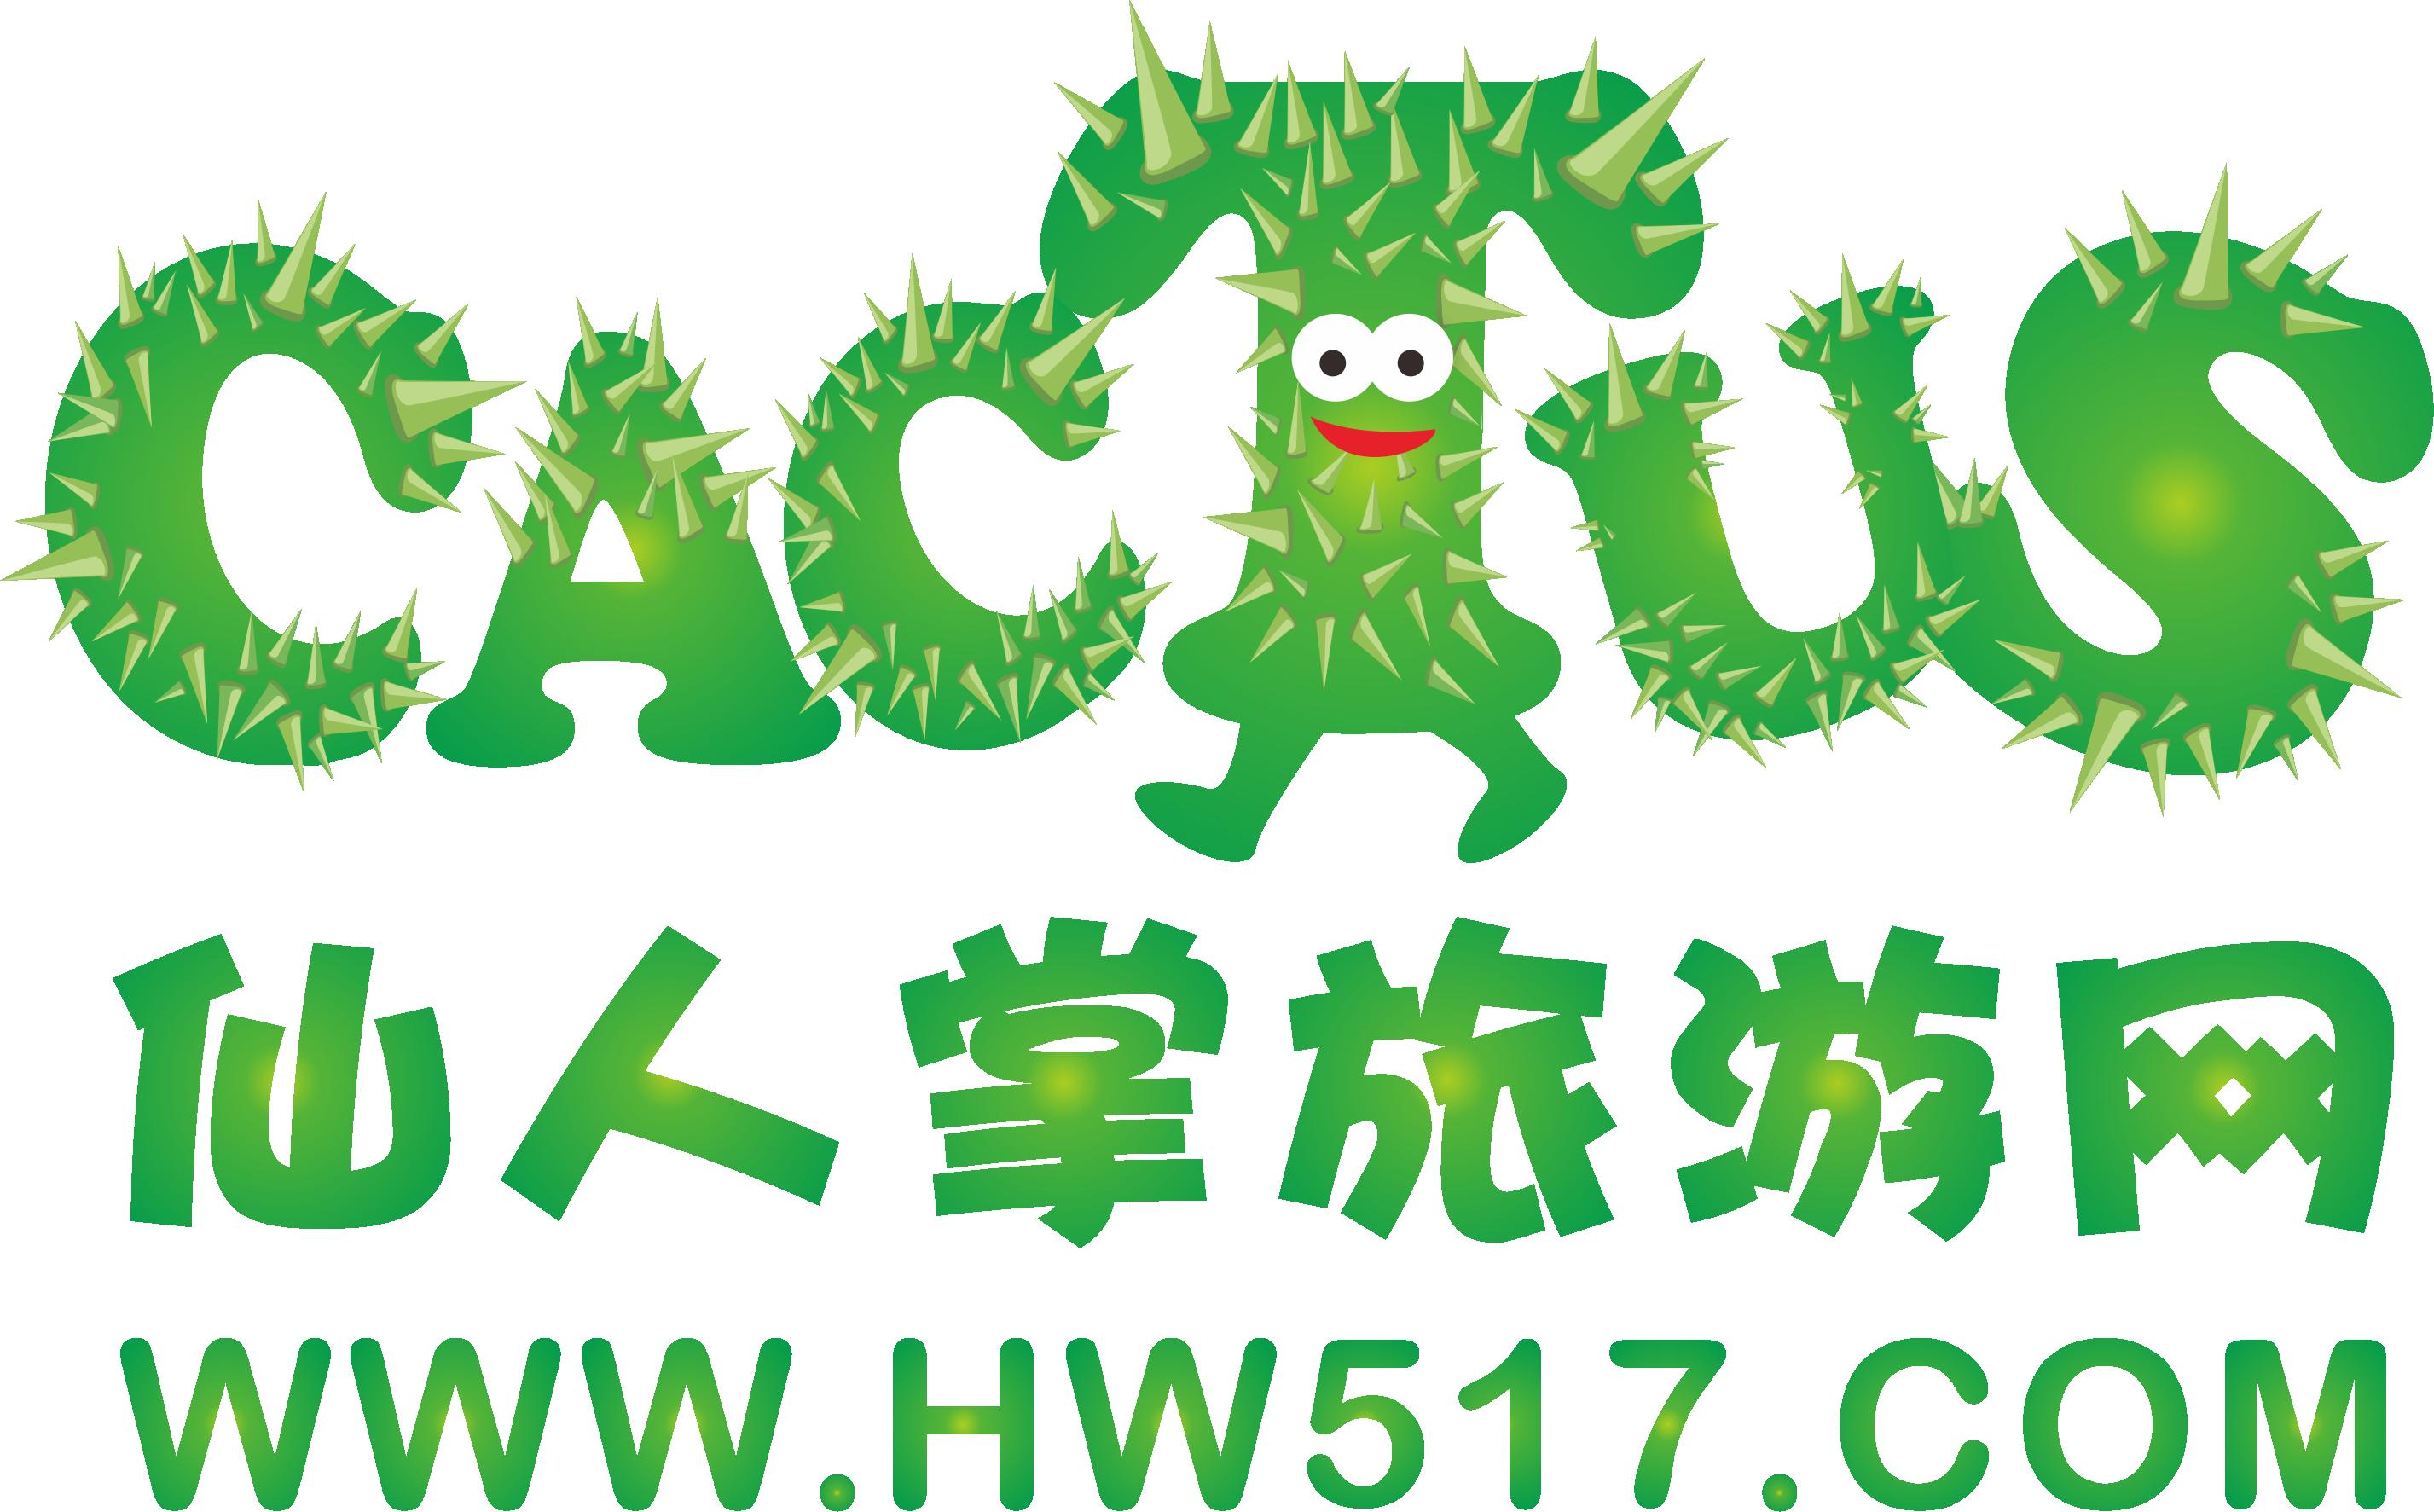 【仙人掌旅游】宁波东钱湖·小普陀、达人村灯光秀、中东欧风情游